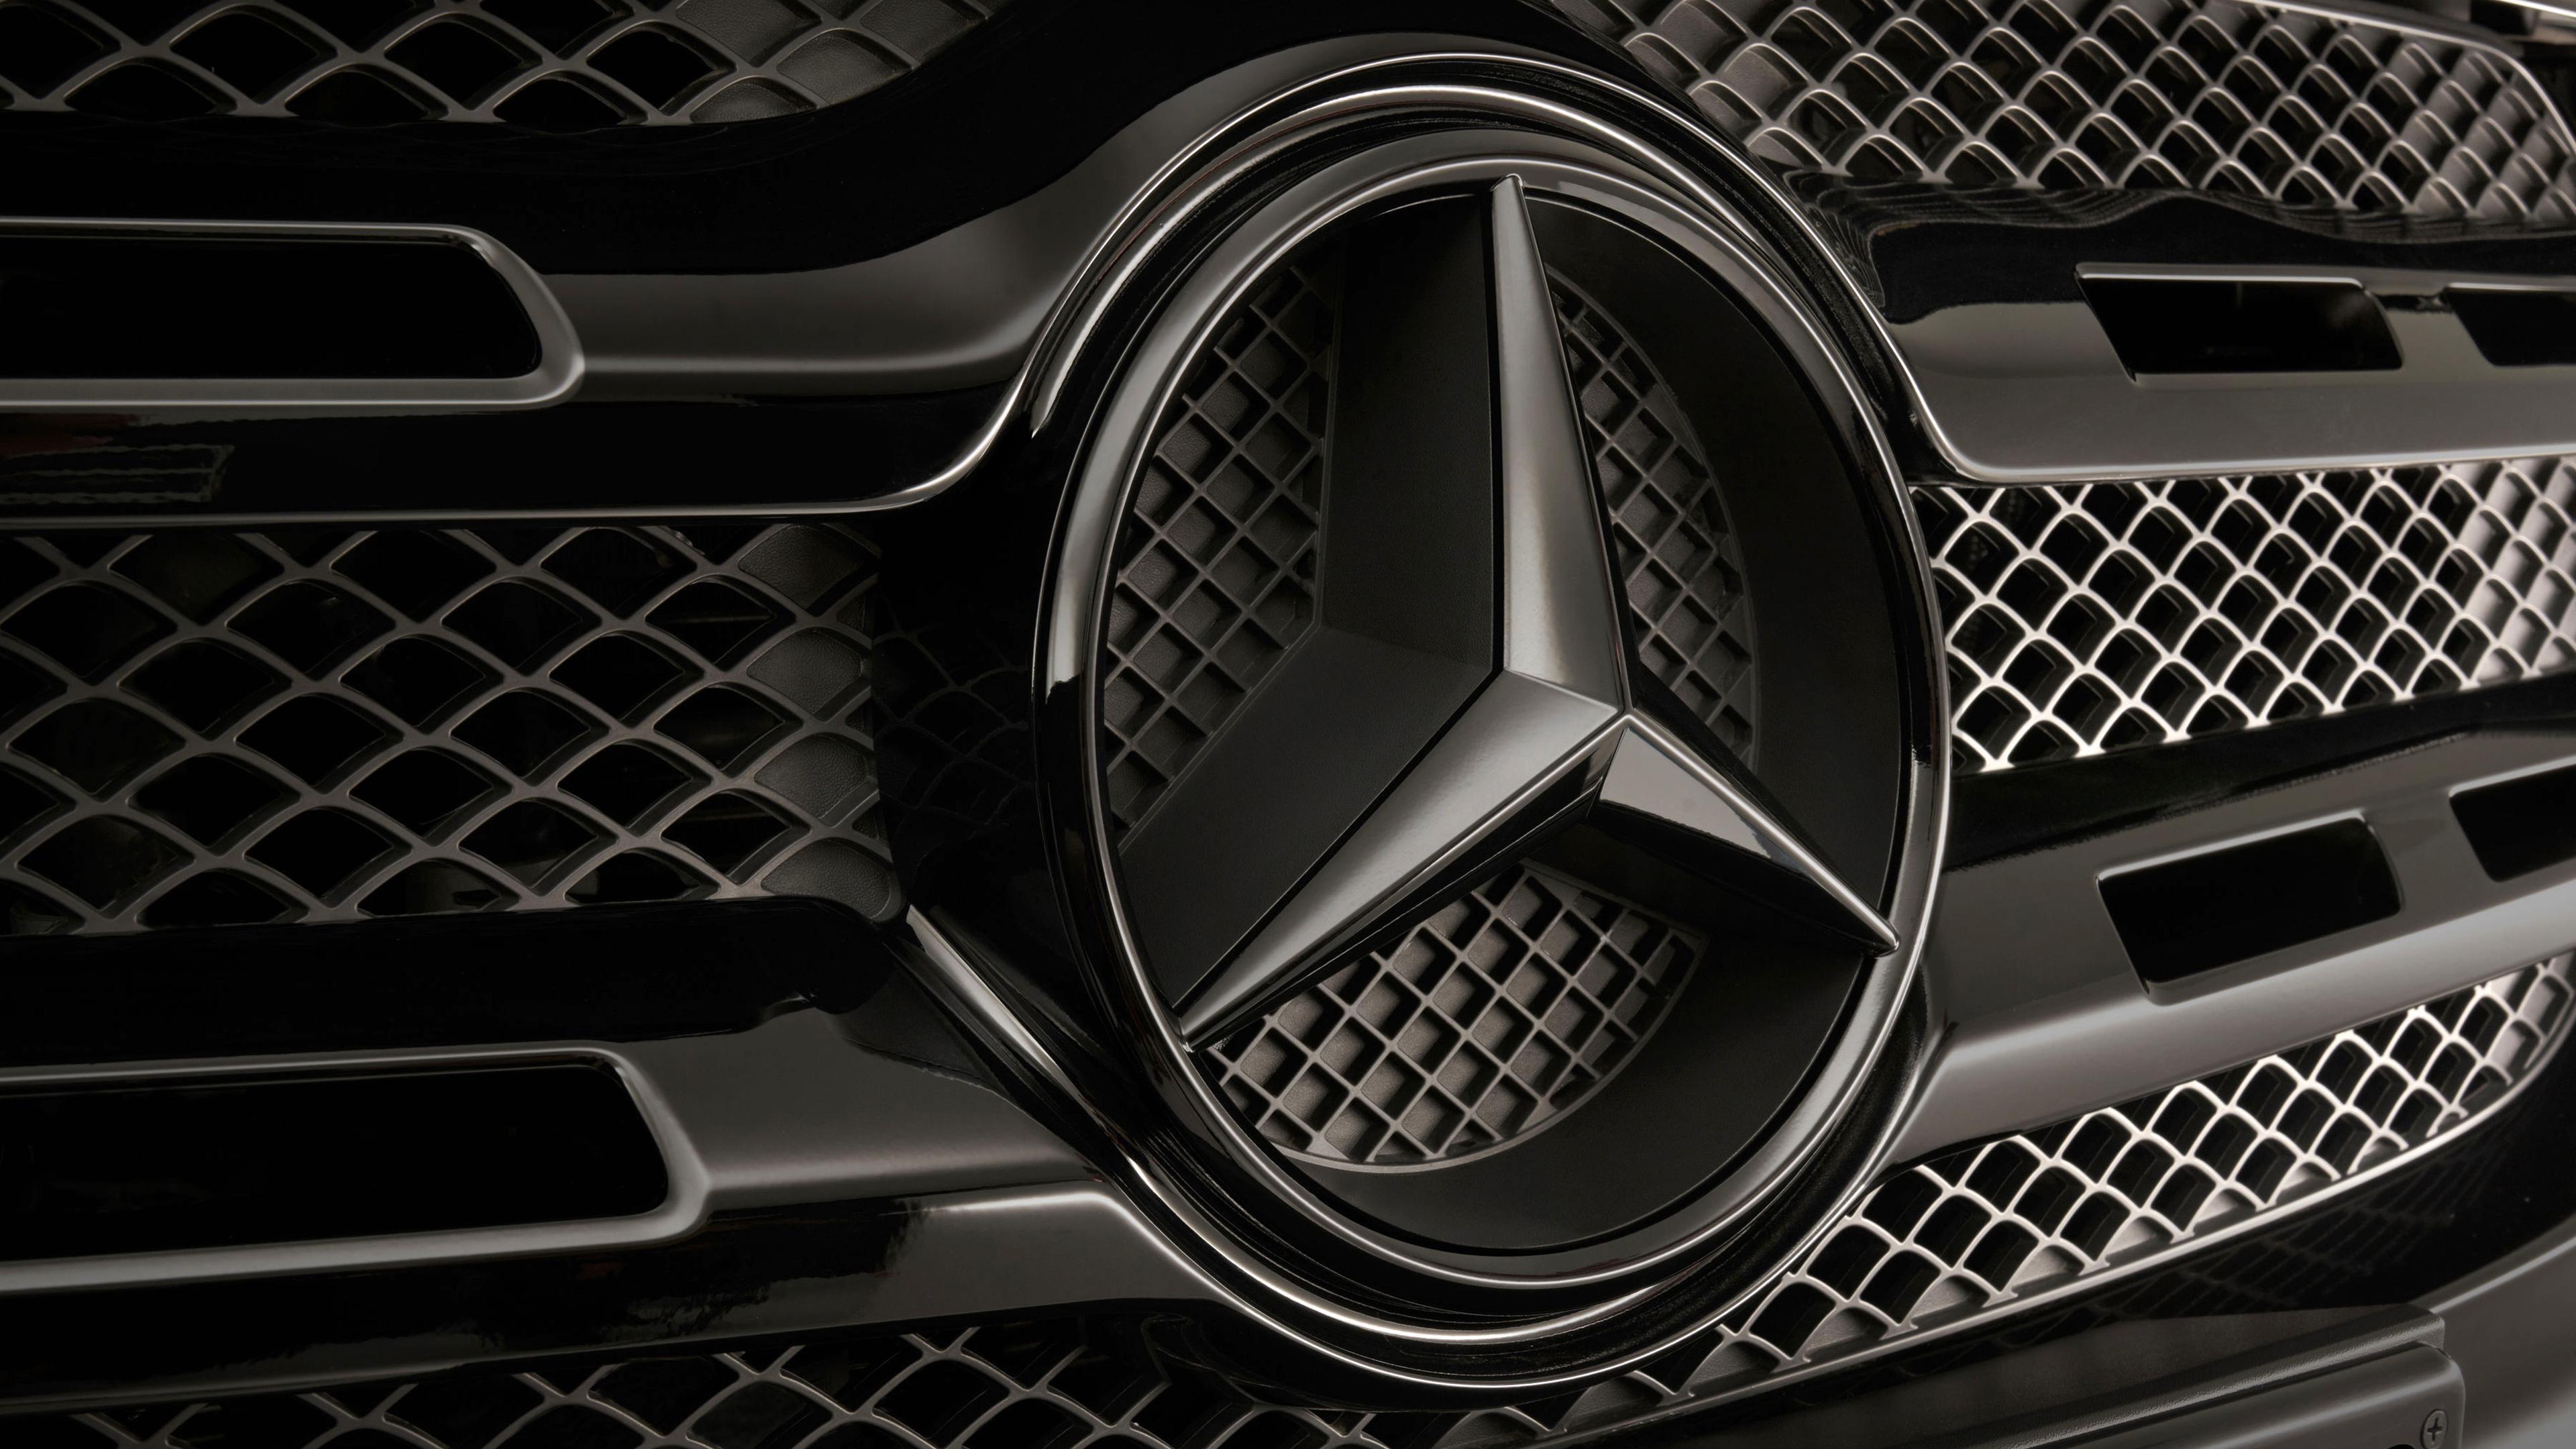 Mercedes-Benz X 350 D 4MATIC Power Edition 1 2019 4K 3